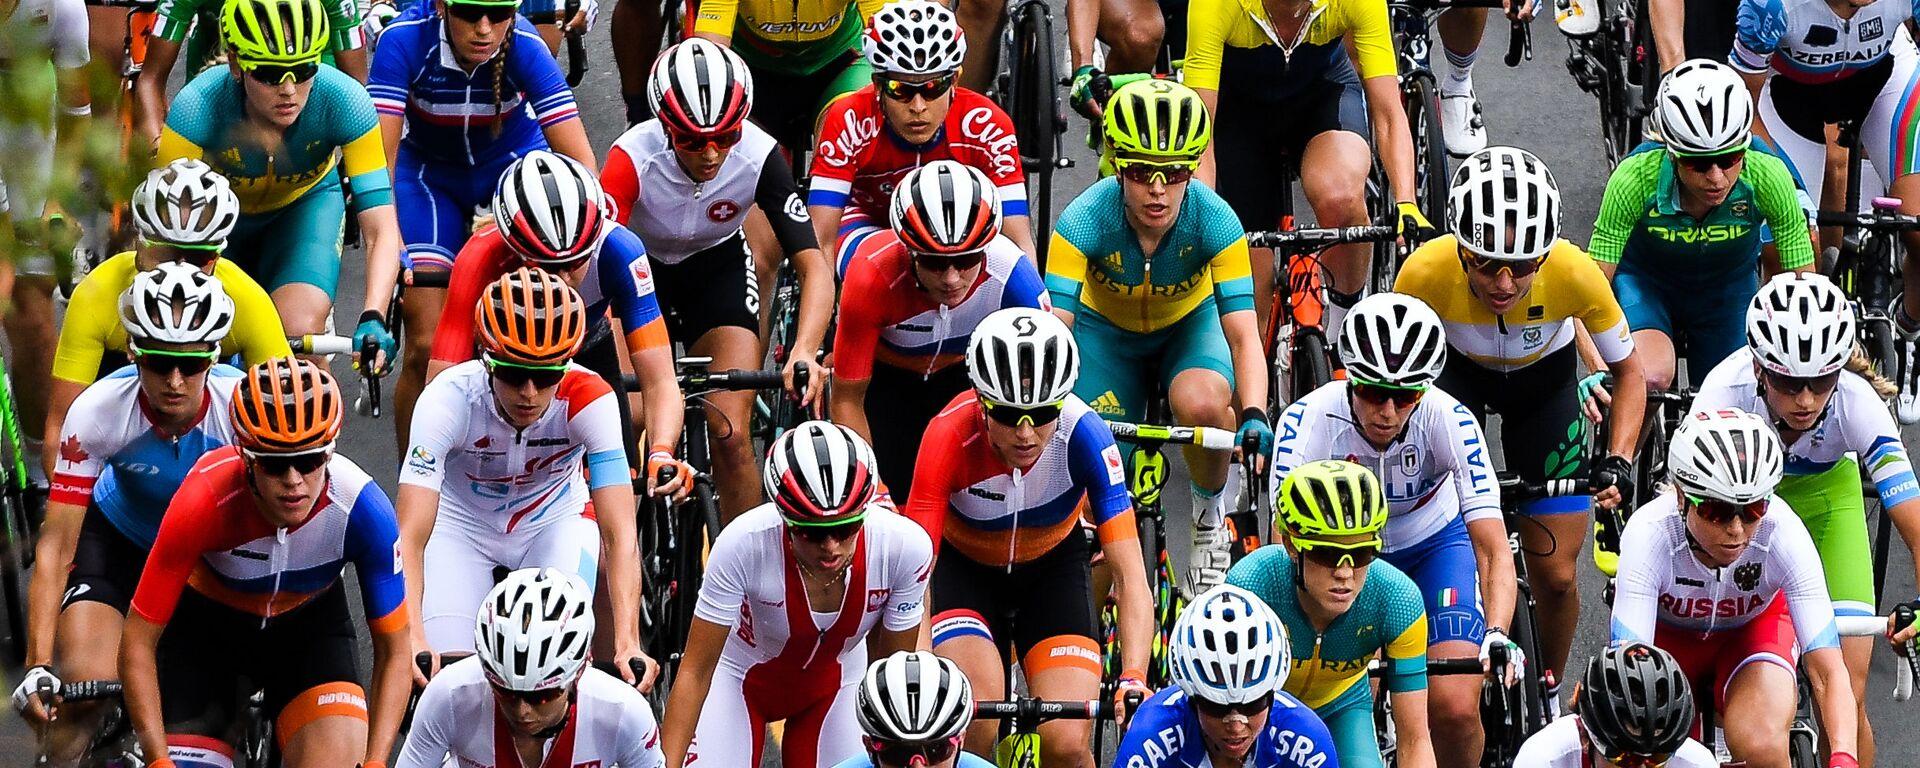 Спортсменки в групповой гонке на соревнованиях по шоссейному велоспорту среди женщин на XXXI летних Олимпийских играх - Sputnik Таджикистан, 1920, 24.11.2020